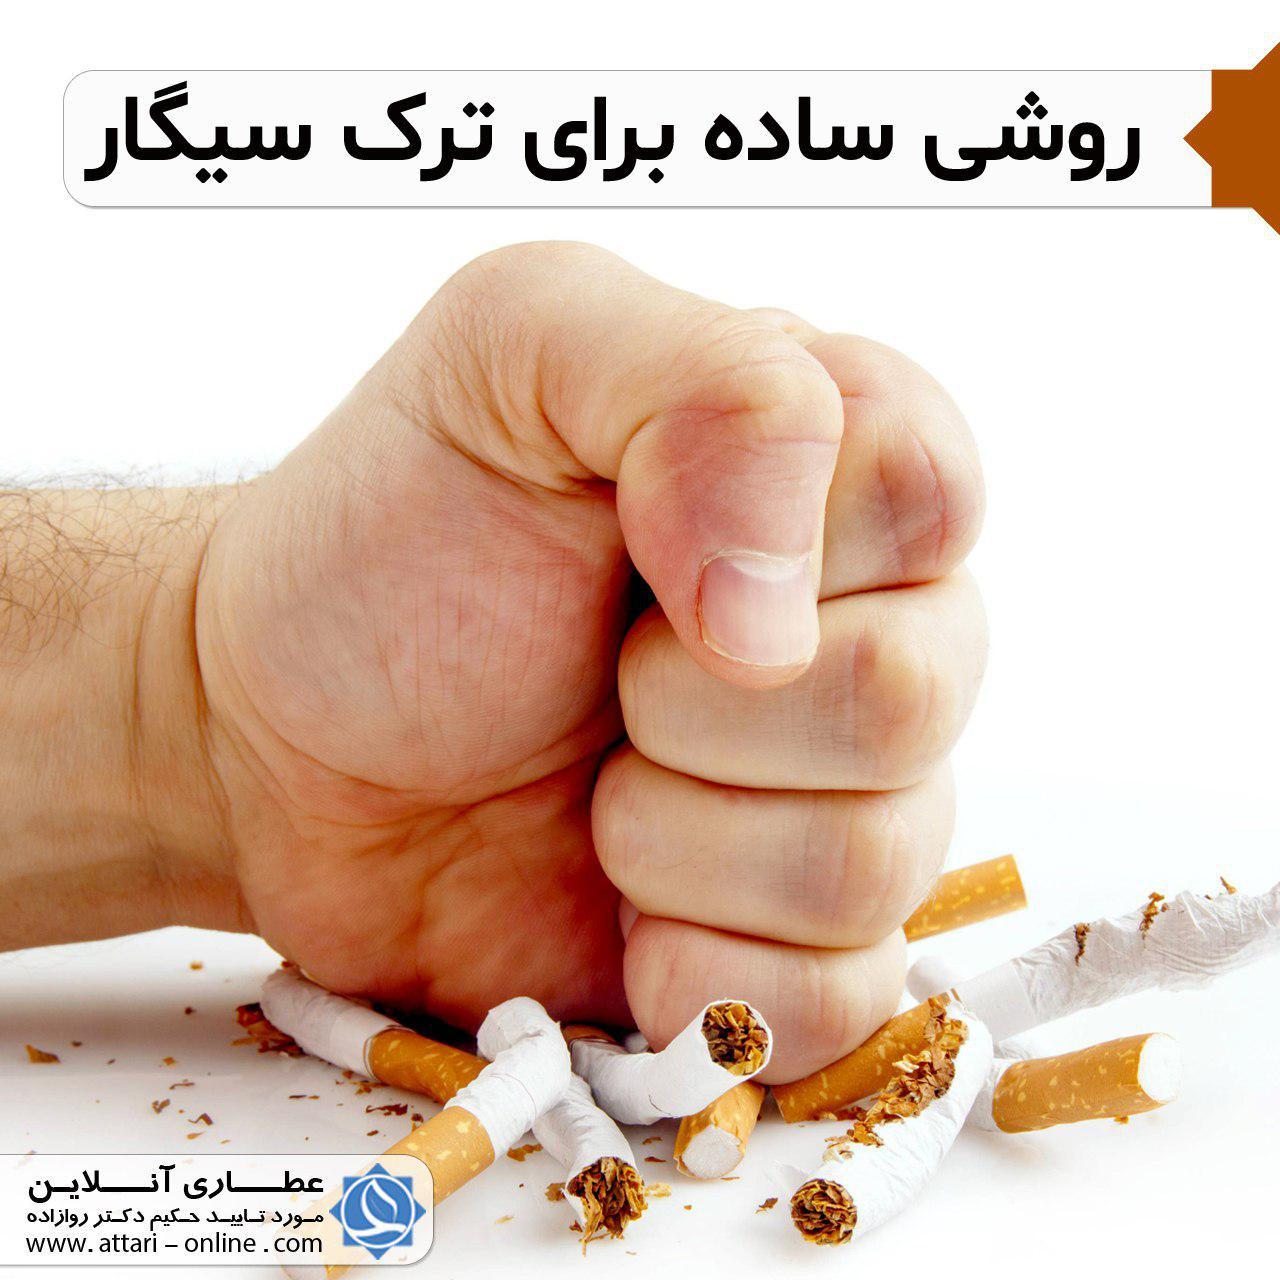 photo 2018 12 09 09 55 46 روشی ساده برای ترک سيگار